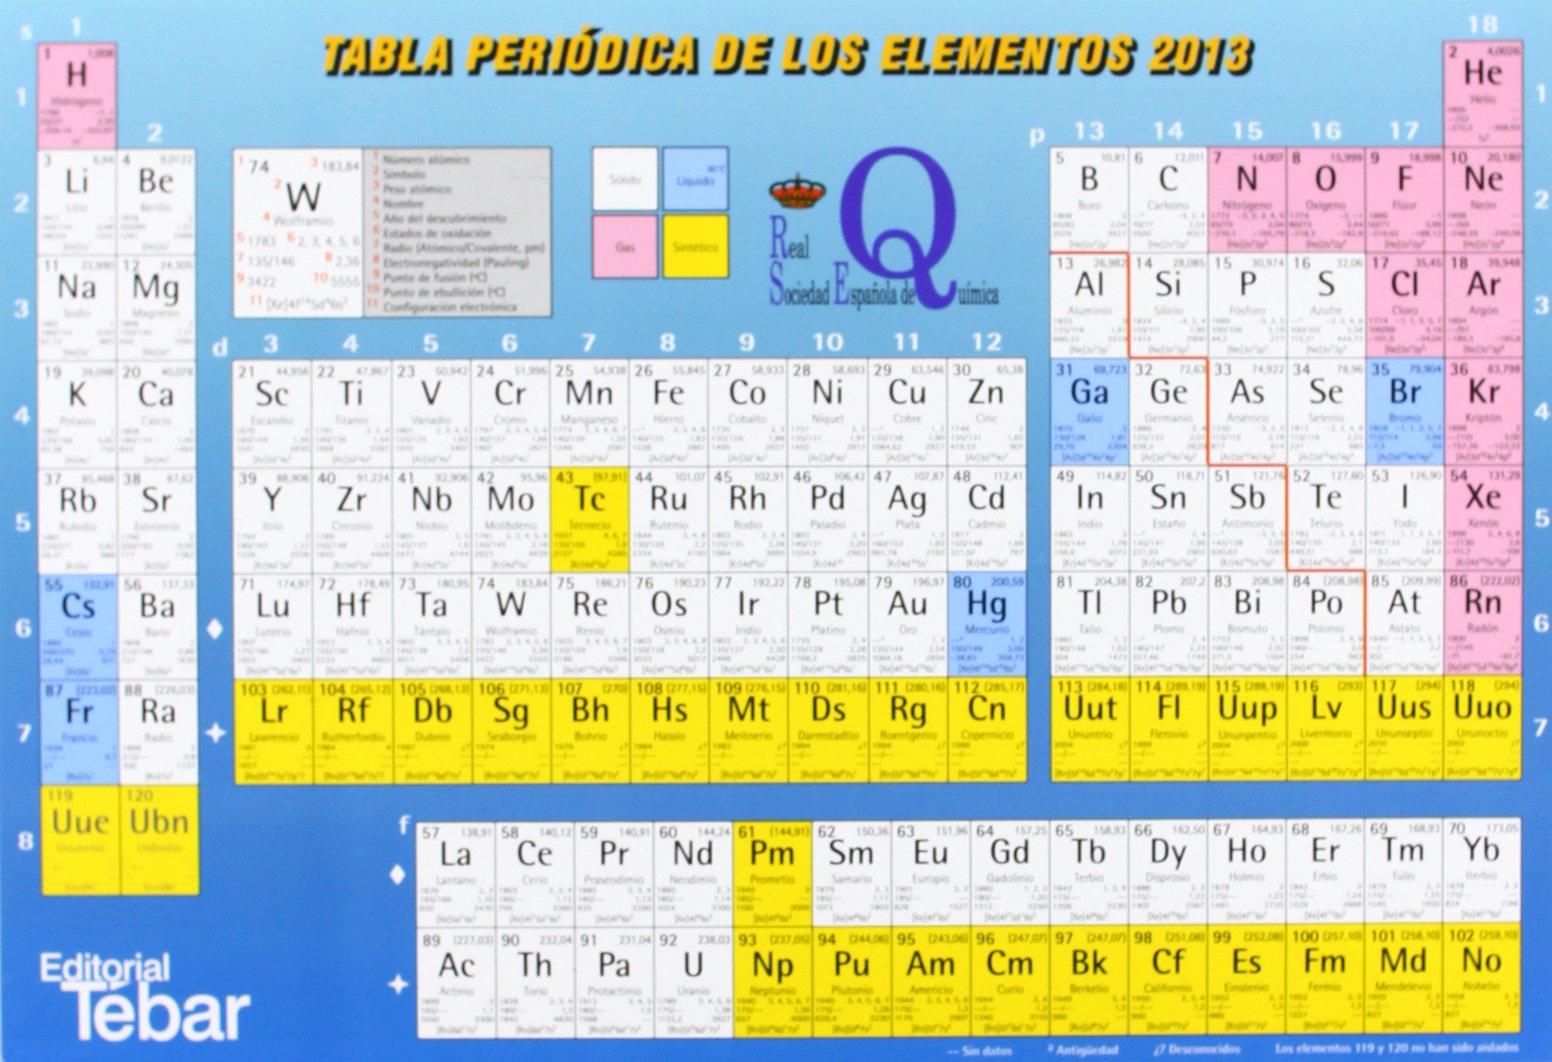 Tabla peridica de los elementos 2013 amazon pascual romn tabla peridica de los elementos 2013 amazon pascual romn polo libros urtaz Images